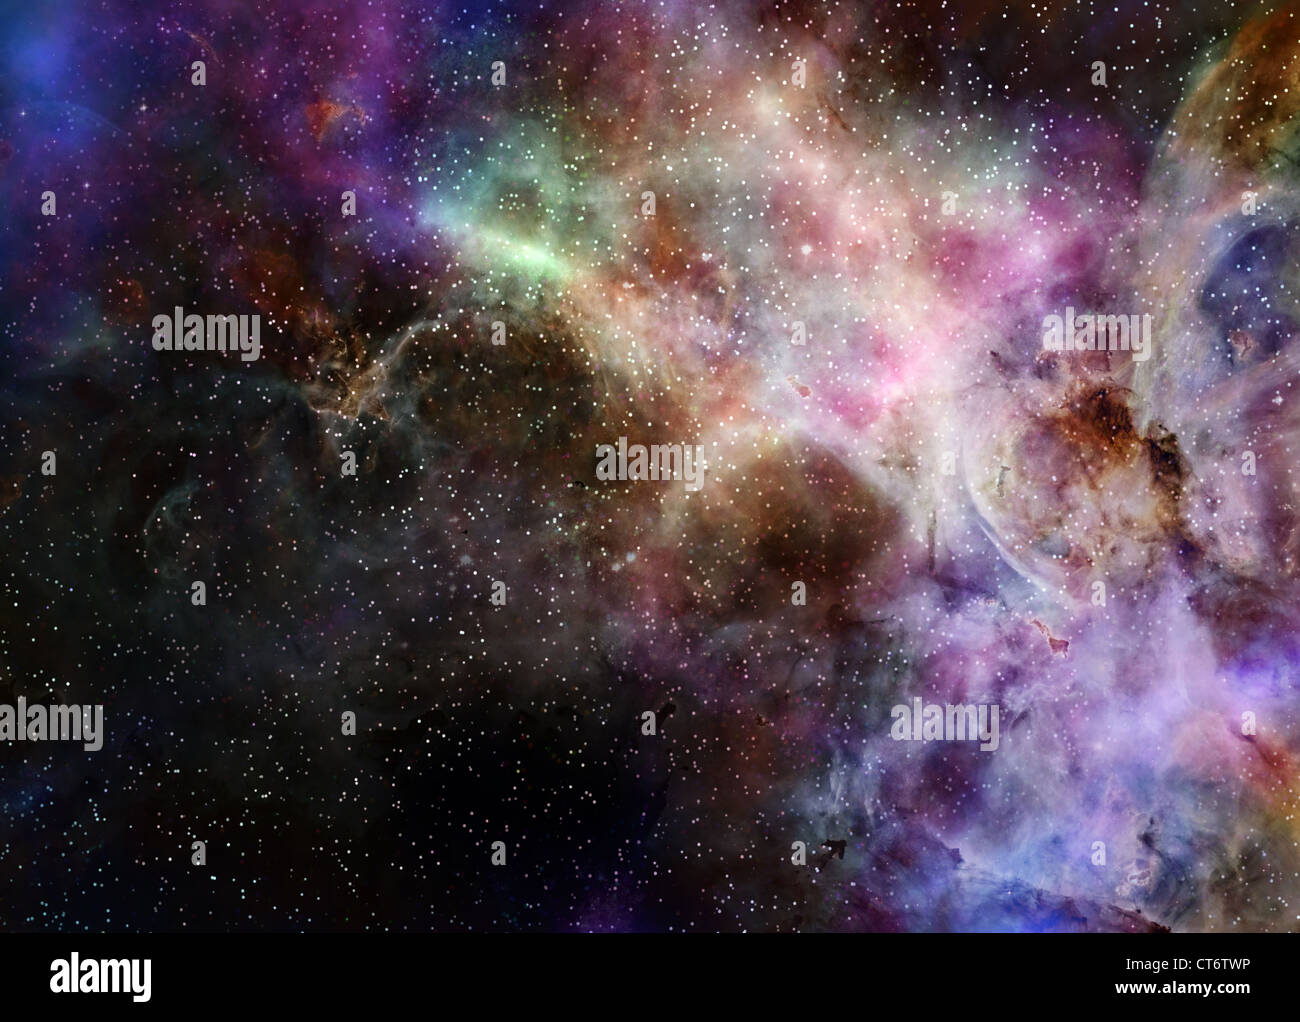 tiefen Weltraum Gas Cloud Nebel Galaxy und Sterne Stockbild